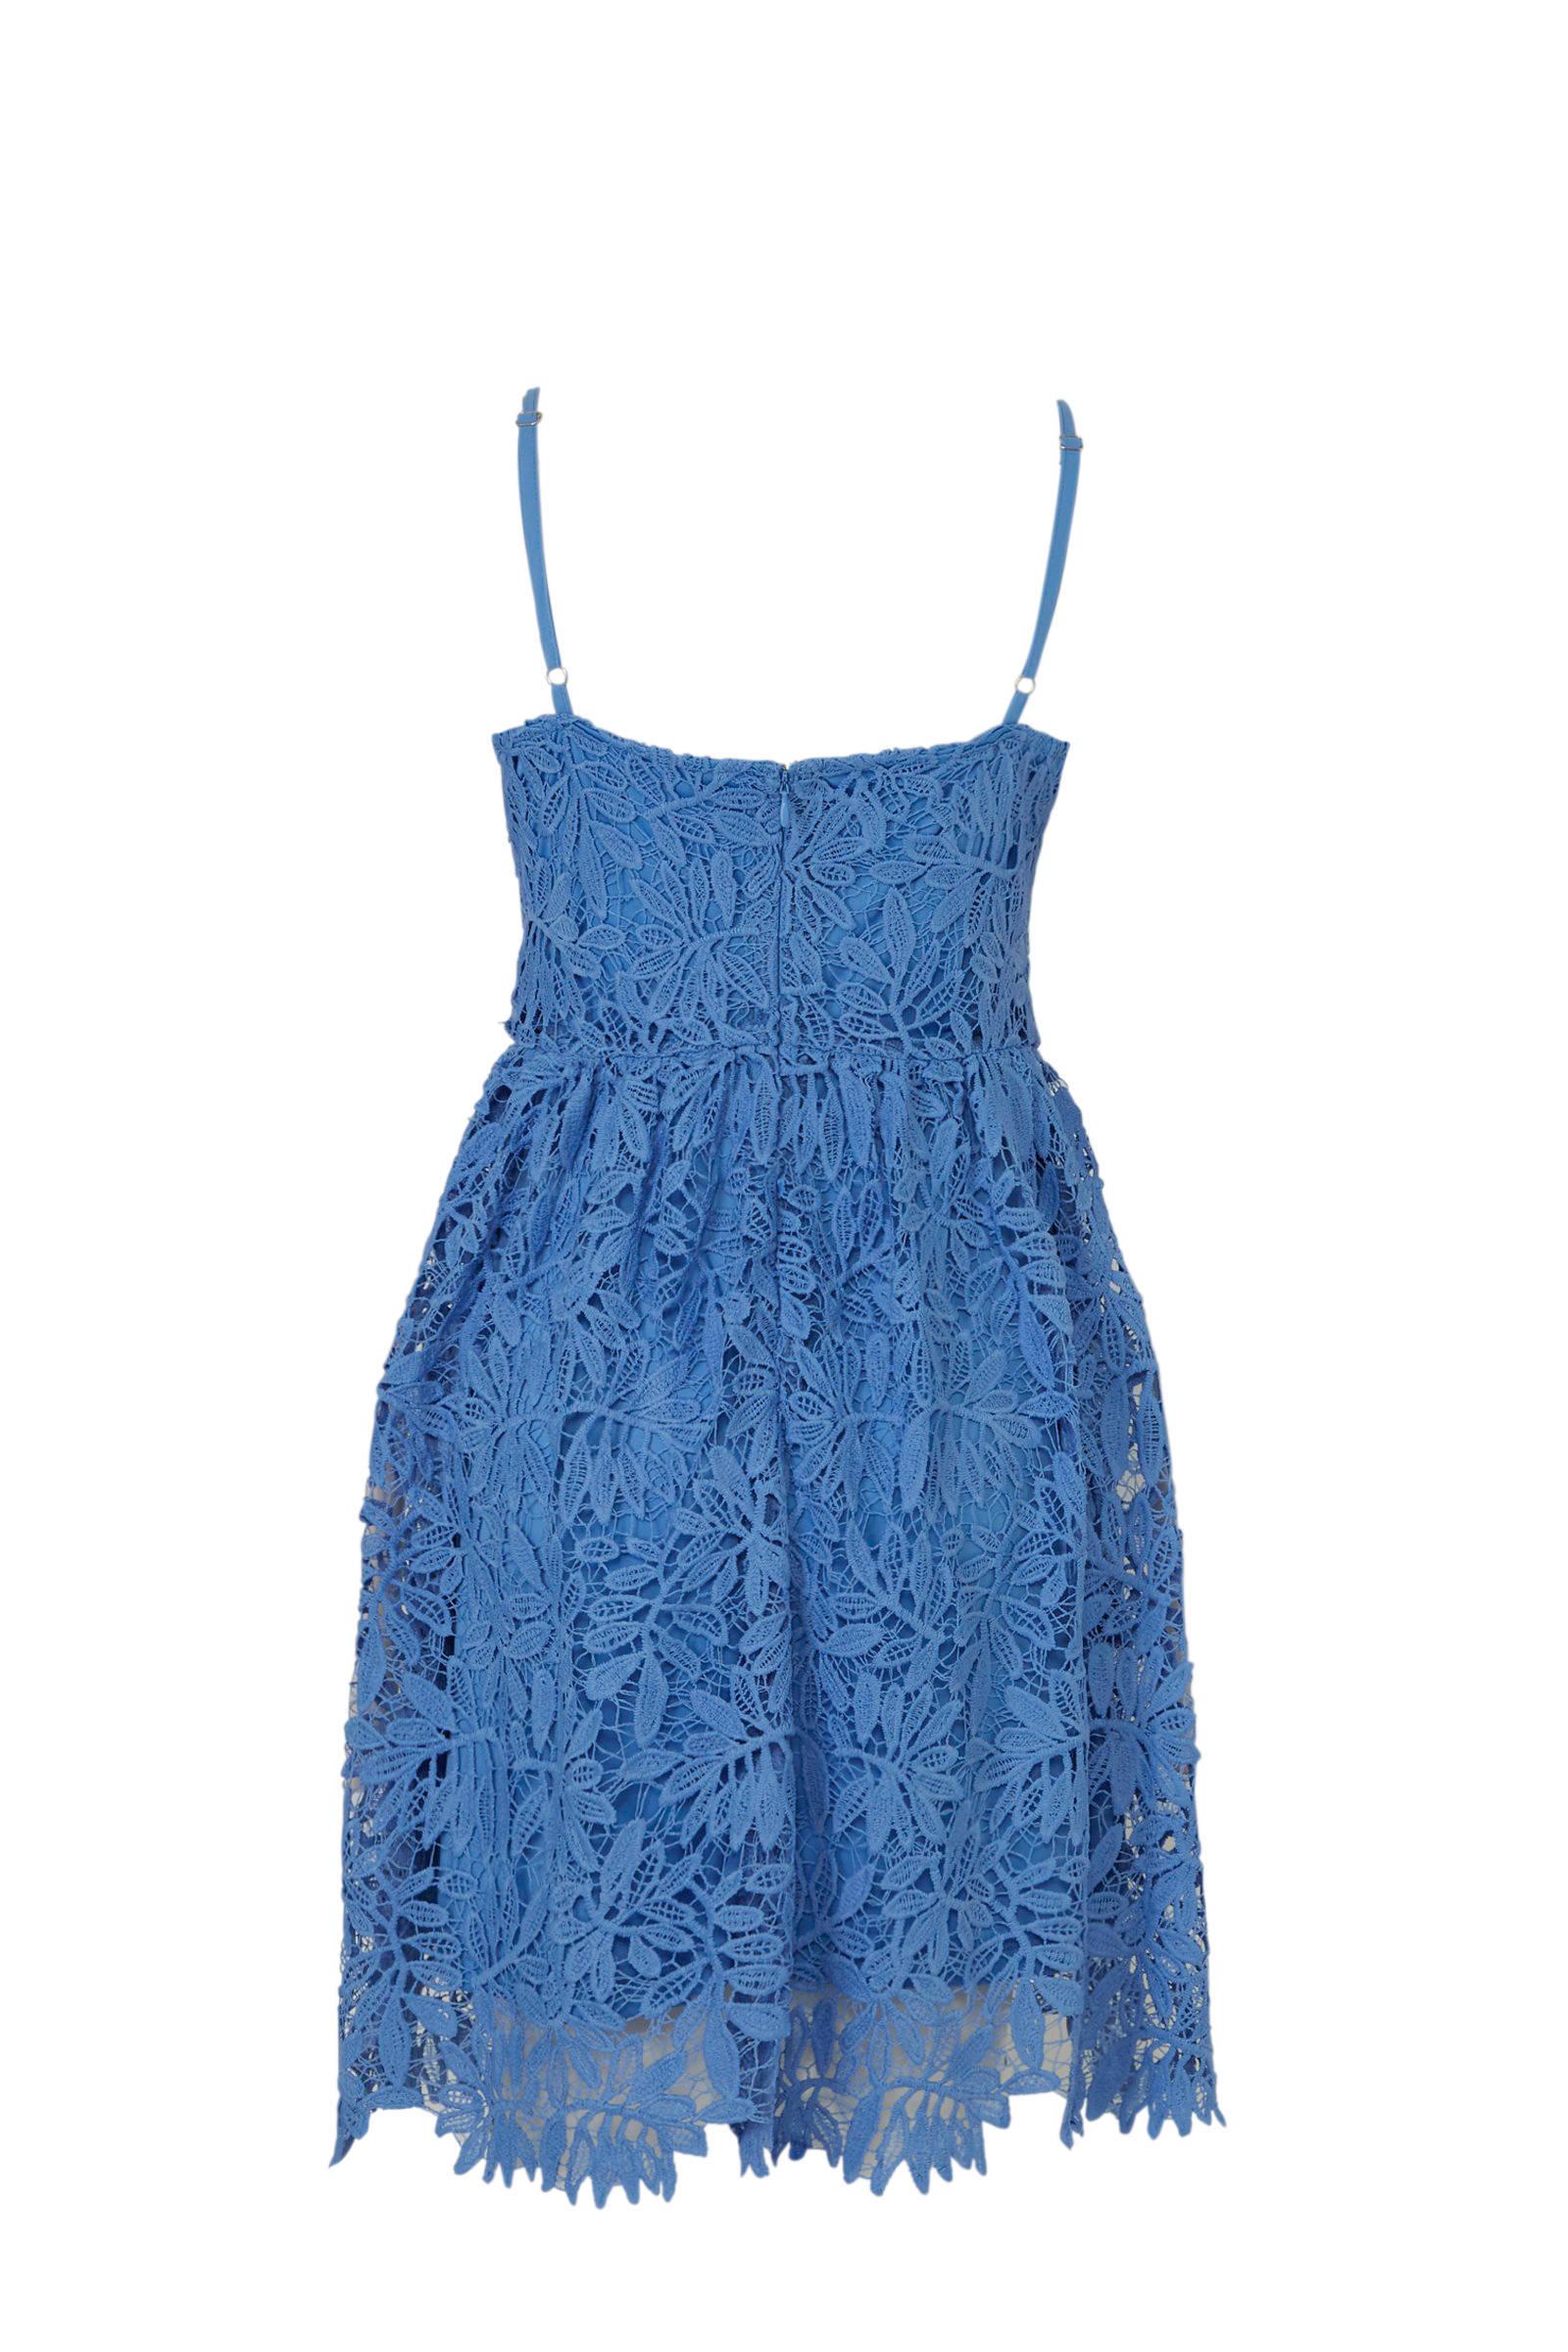 kanten MODA VERO blauw VERO kanten MODA jurk ZtwdqZ